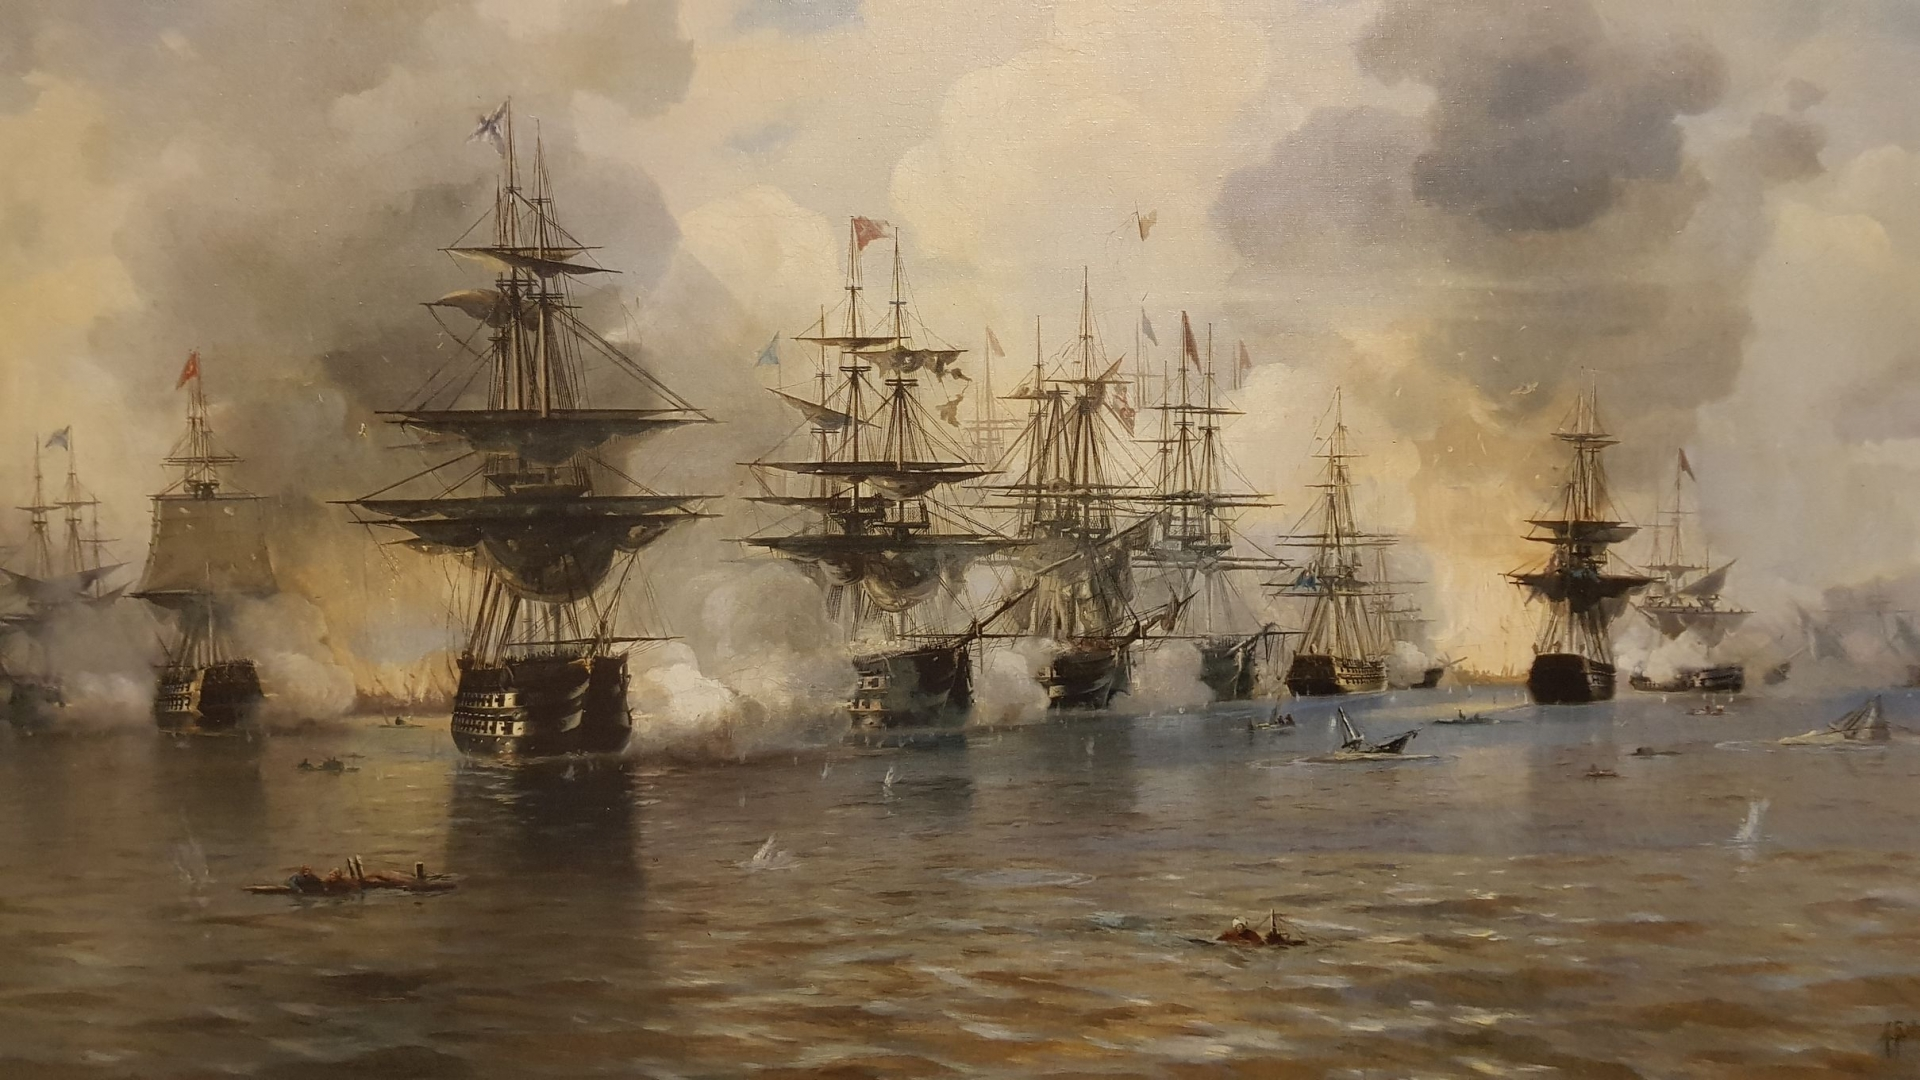 Наваринское сражение 1827 года с турецким флотом  в бухте Наварино Ионического моря